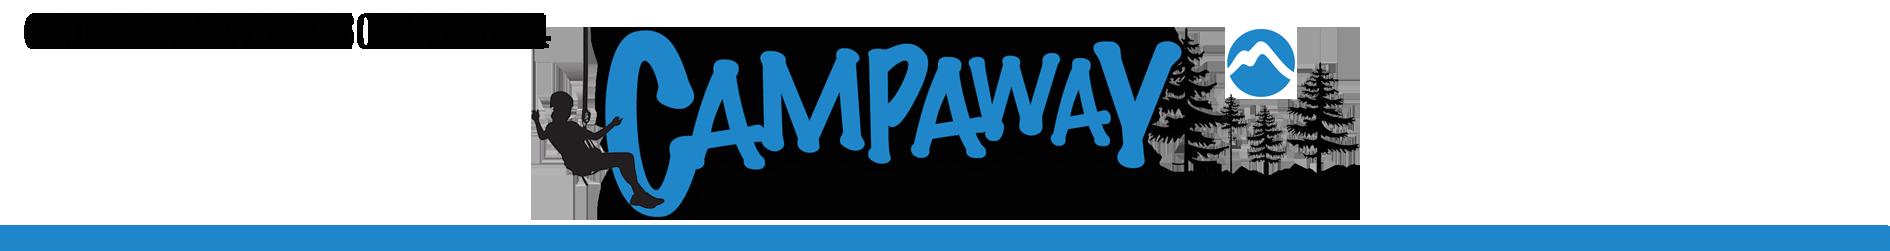 campawayheader copy